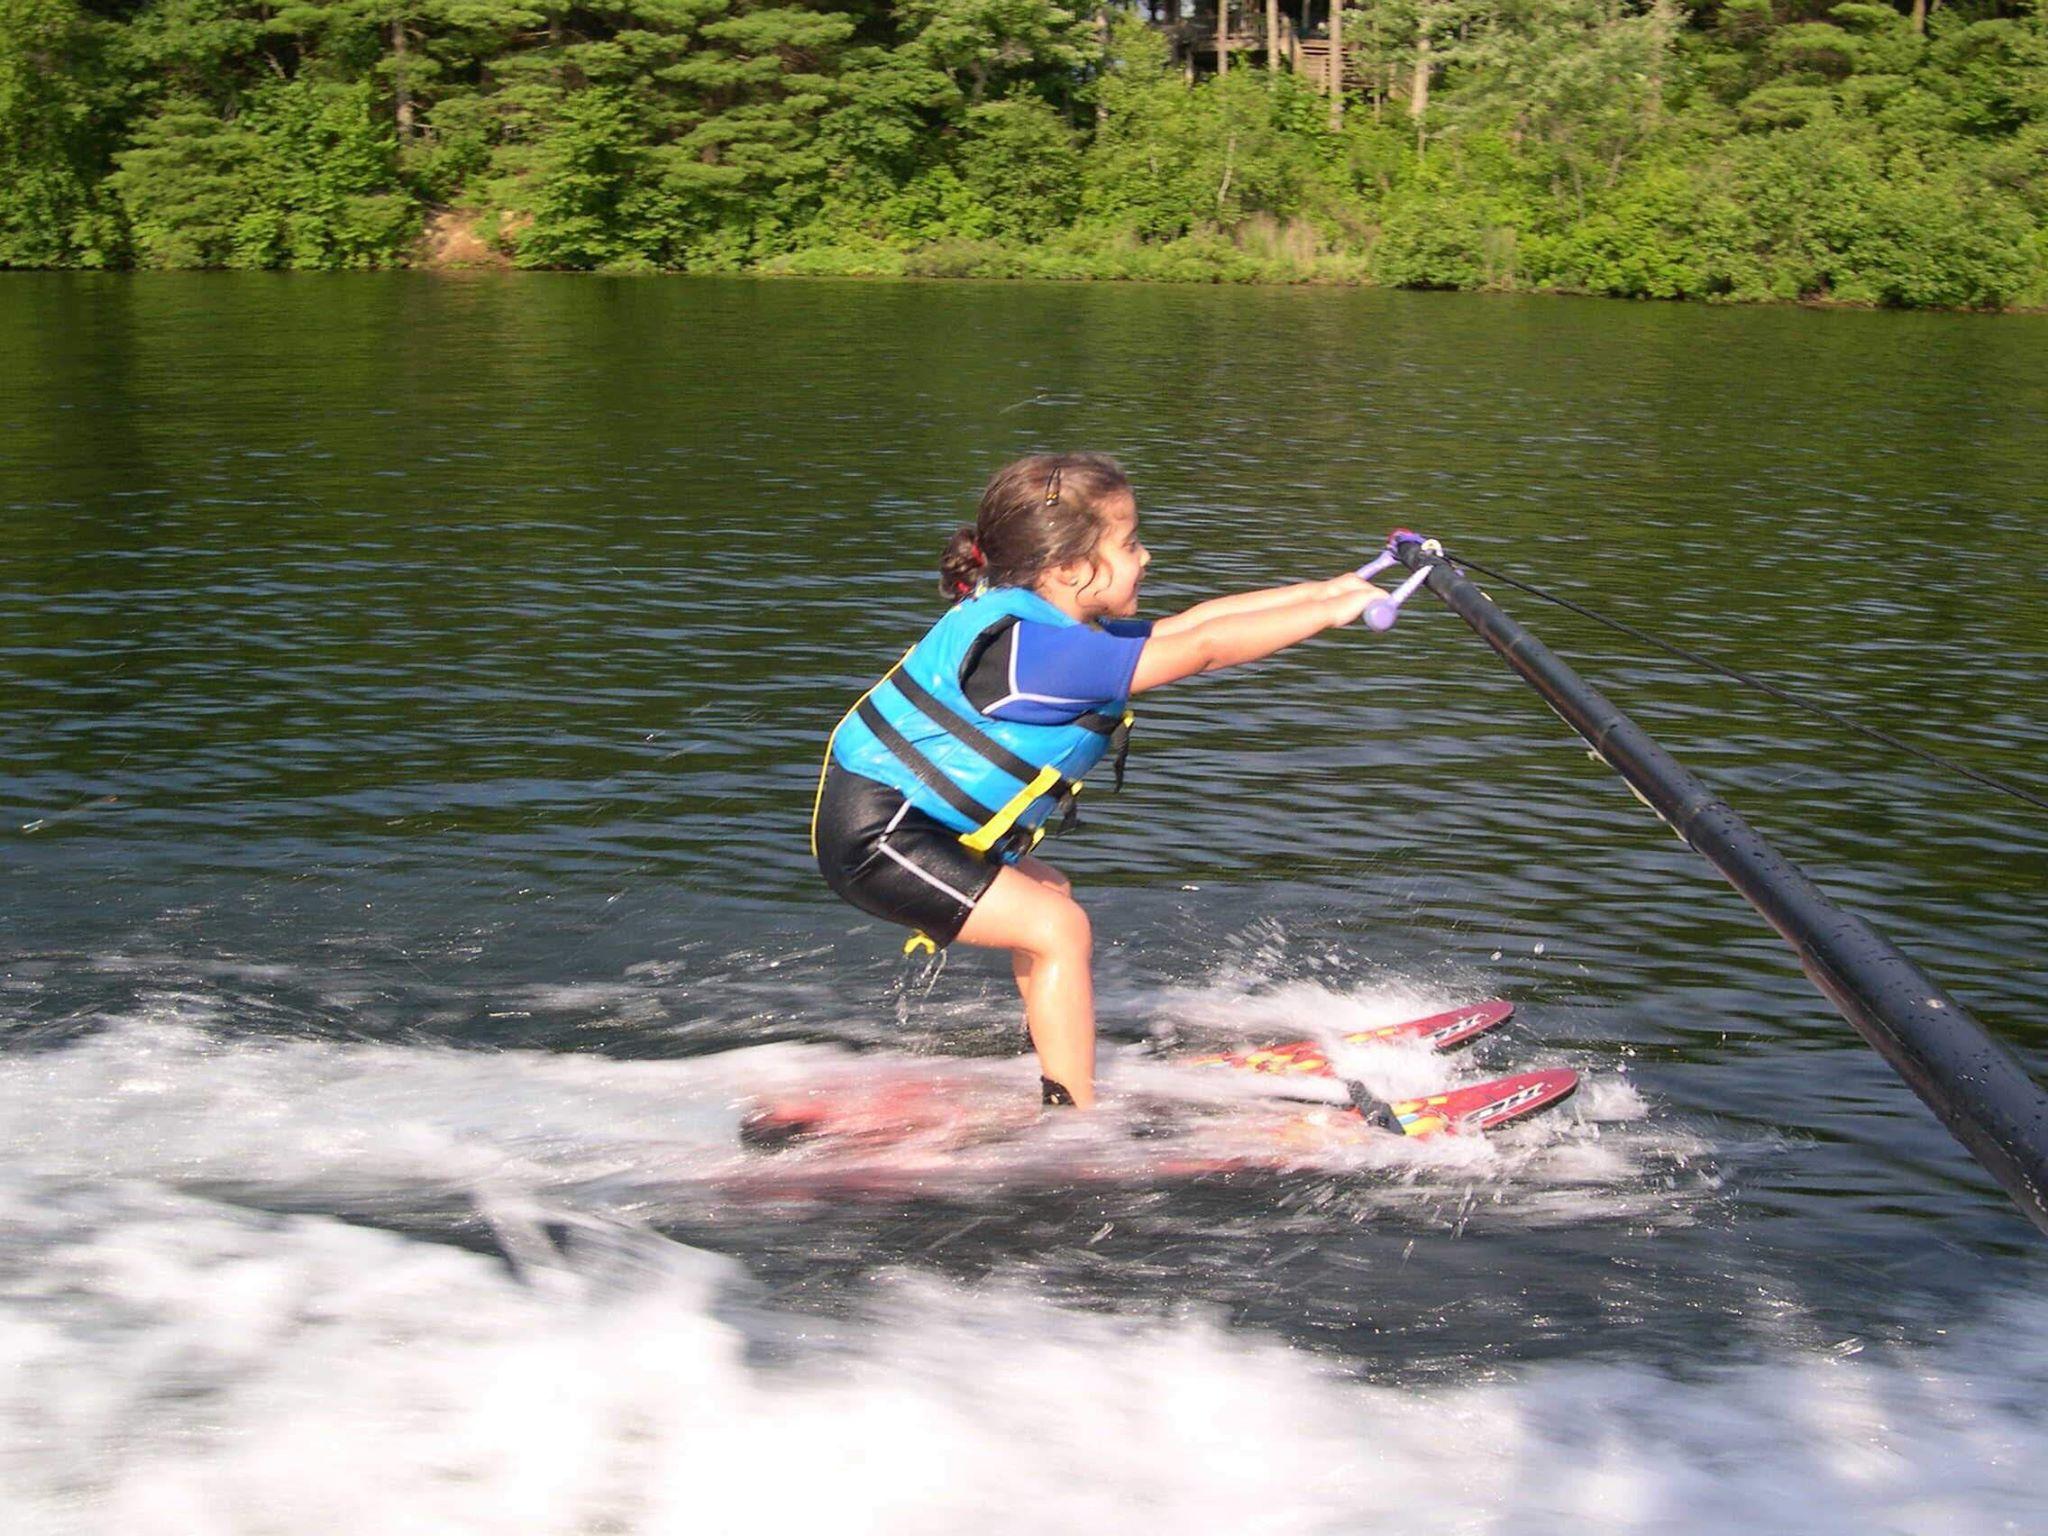 Learn to Ski Nipmuc Water Ski Club Webster, MA